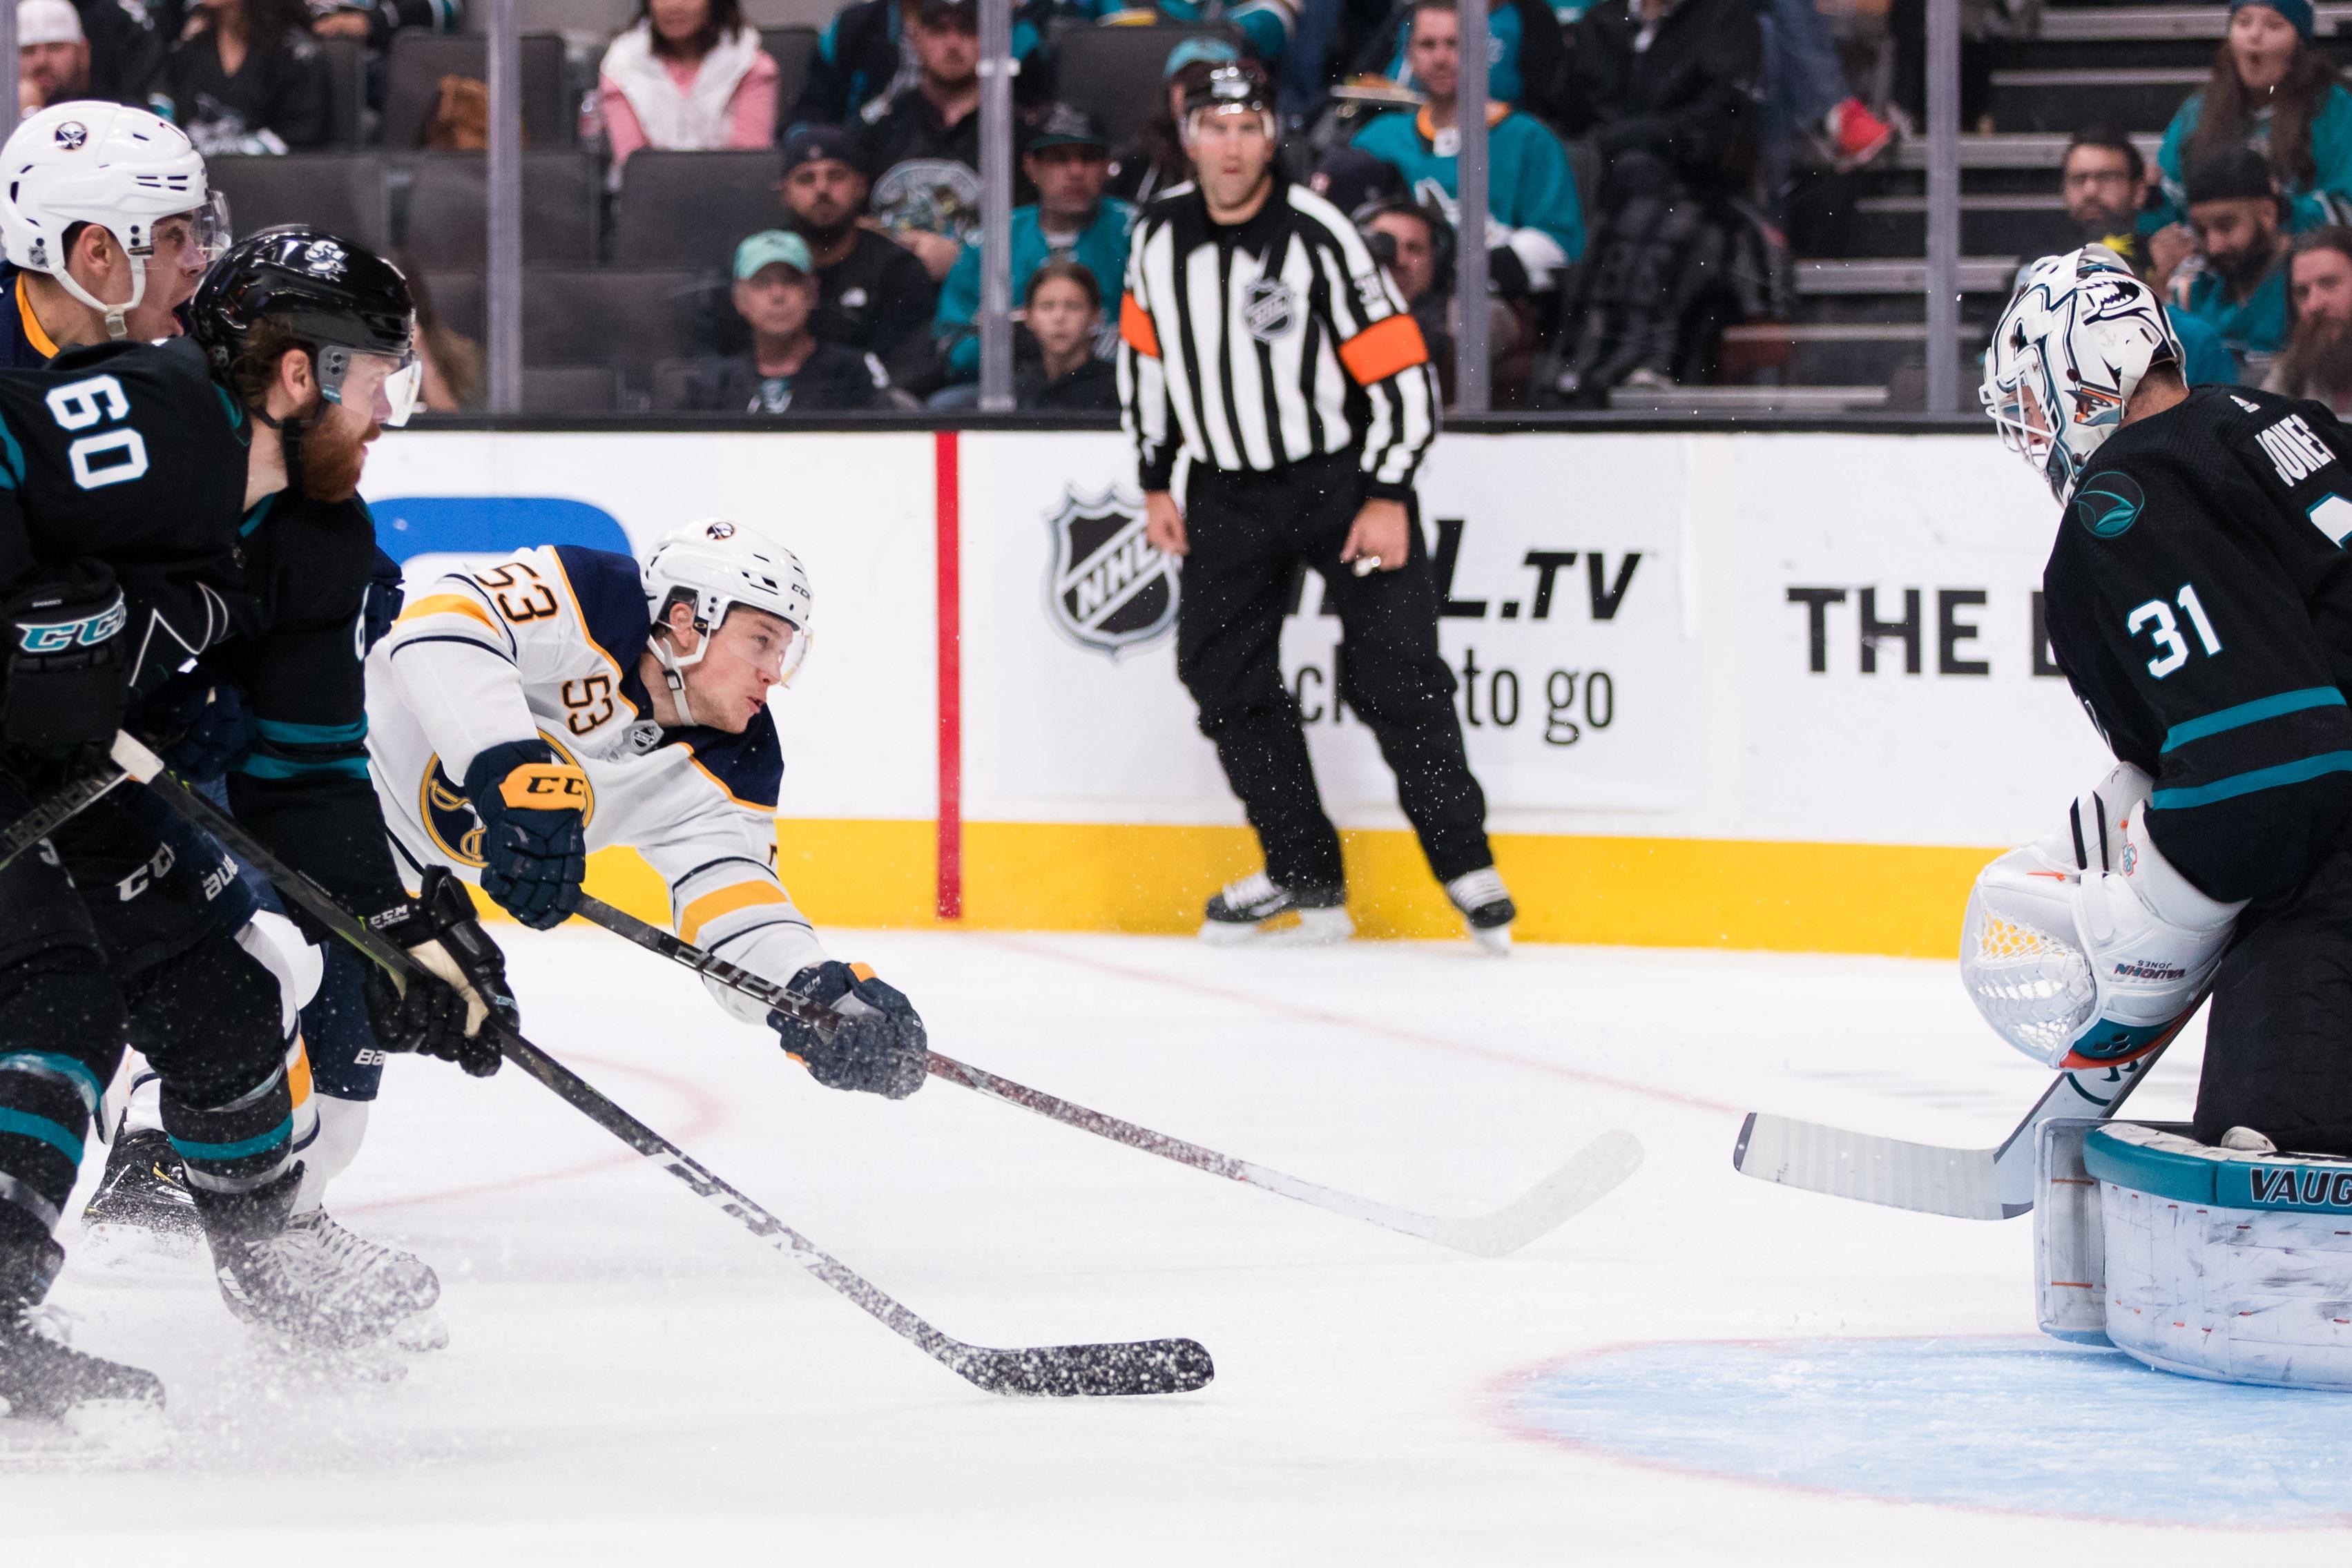 NHL: Buffalo Sabres at San Jose Sharks